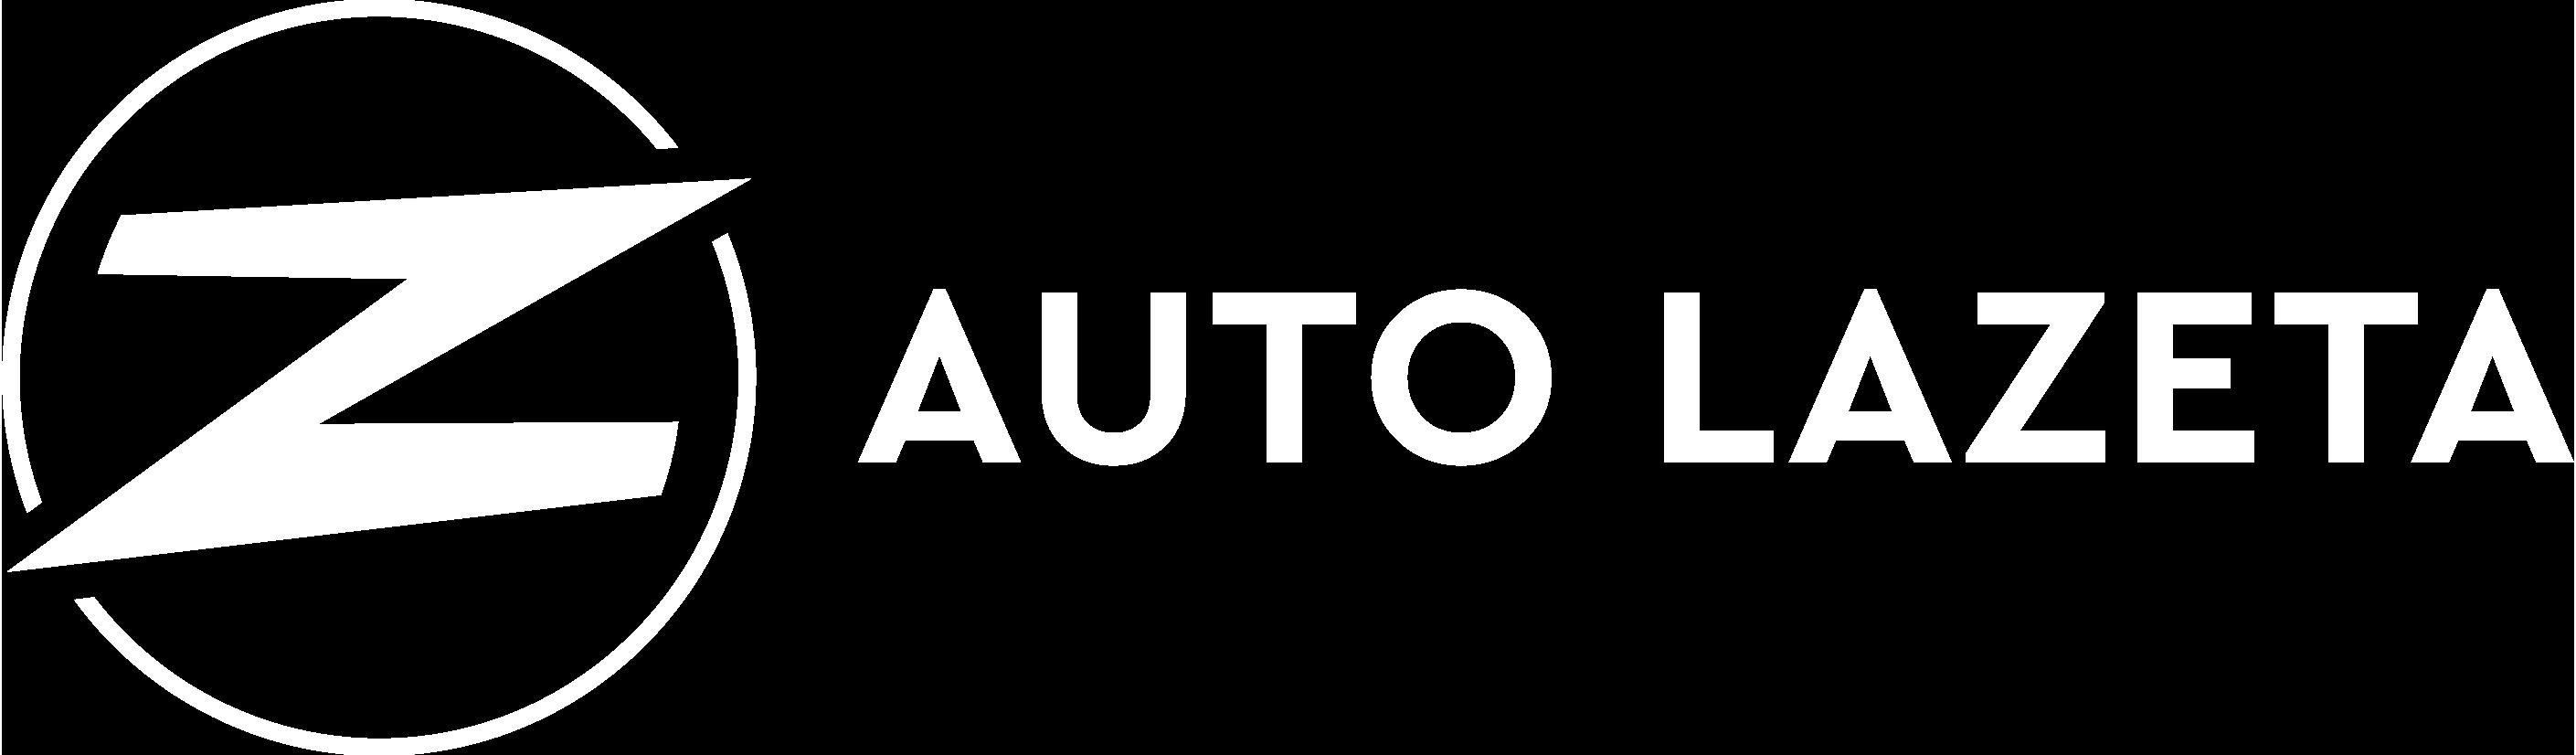 LOGO_autolazeta-auto-usate2